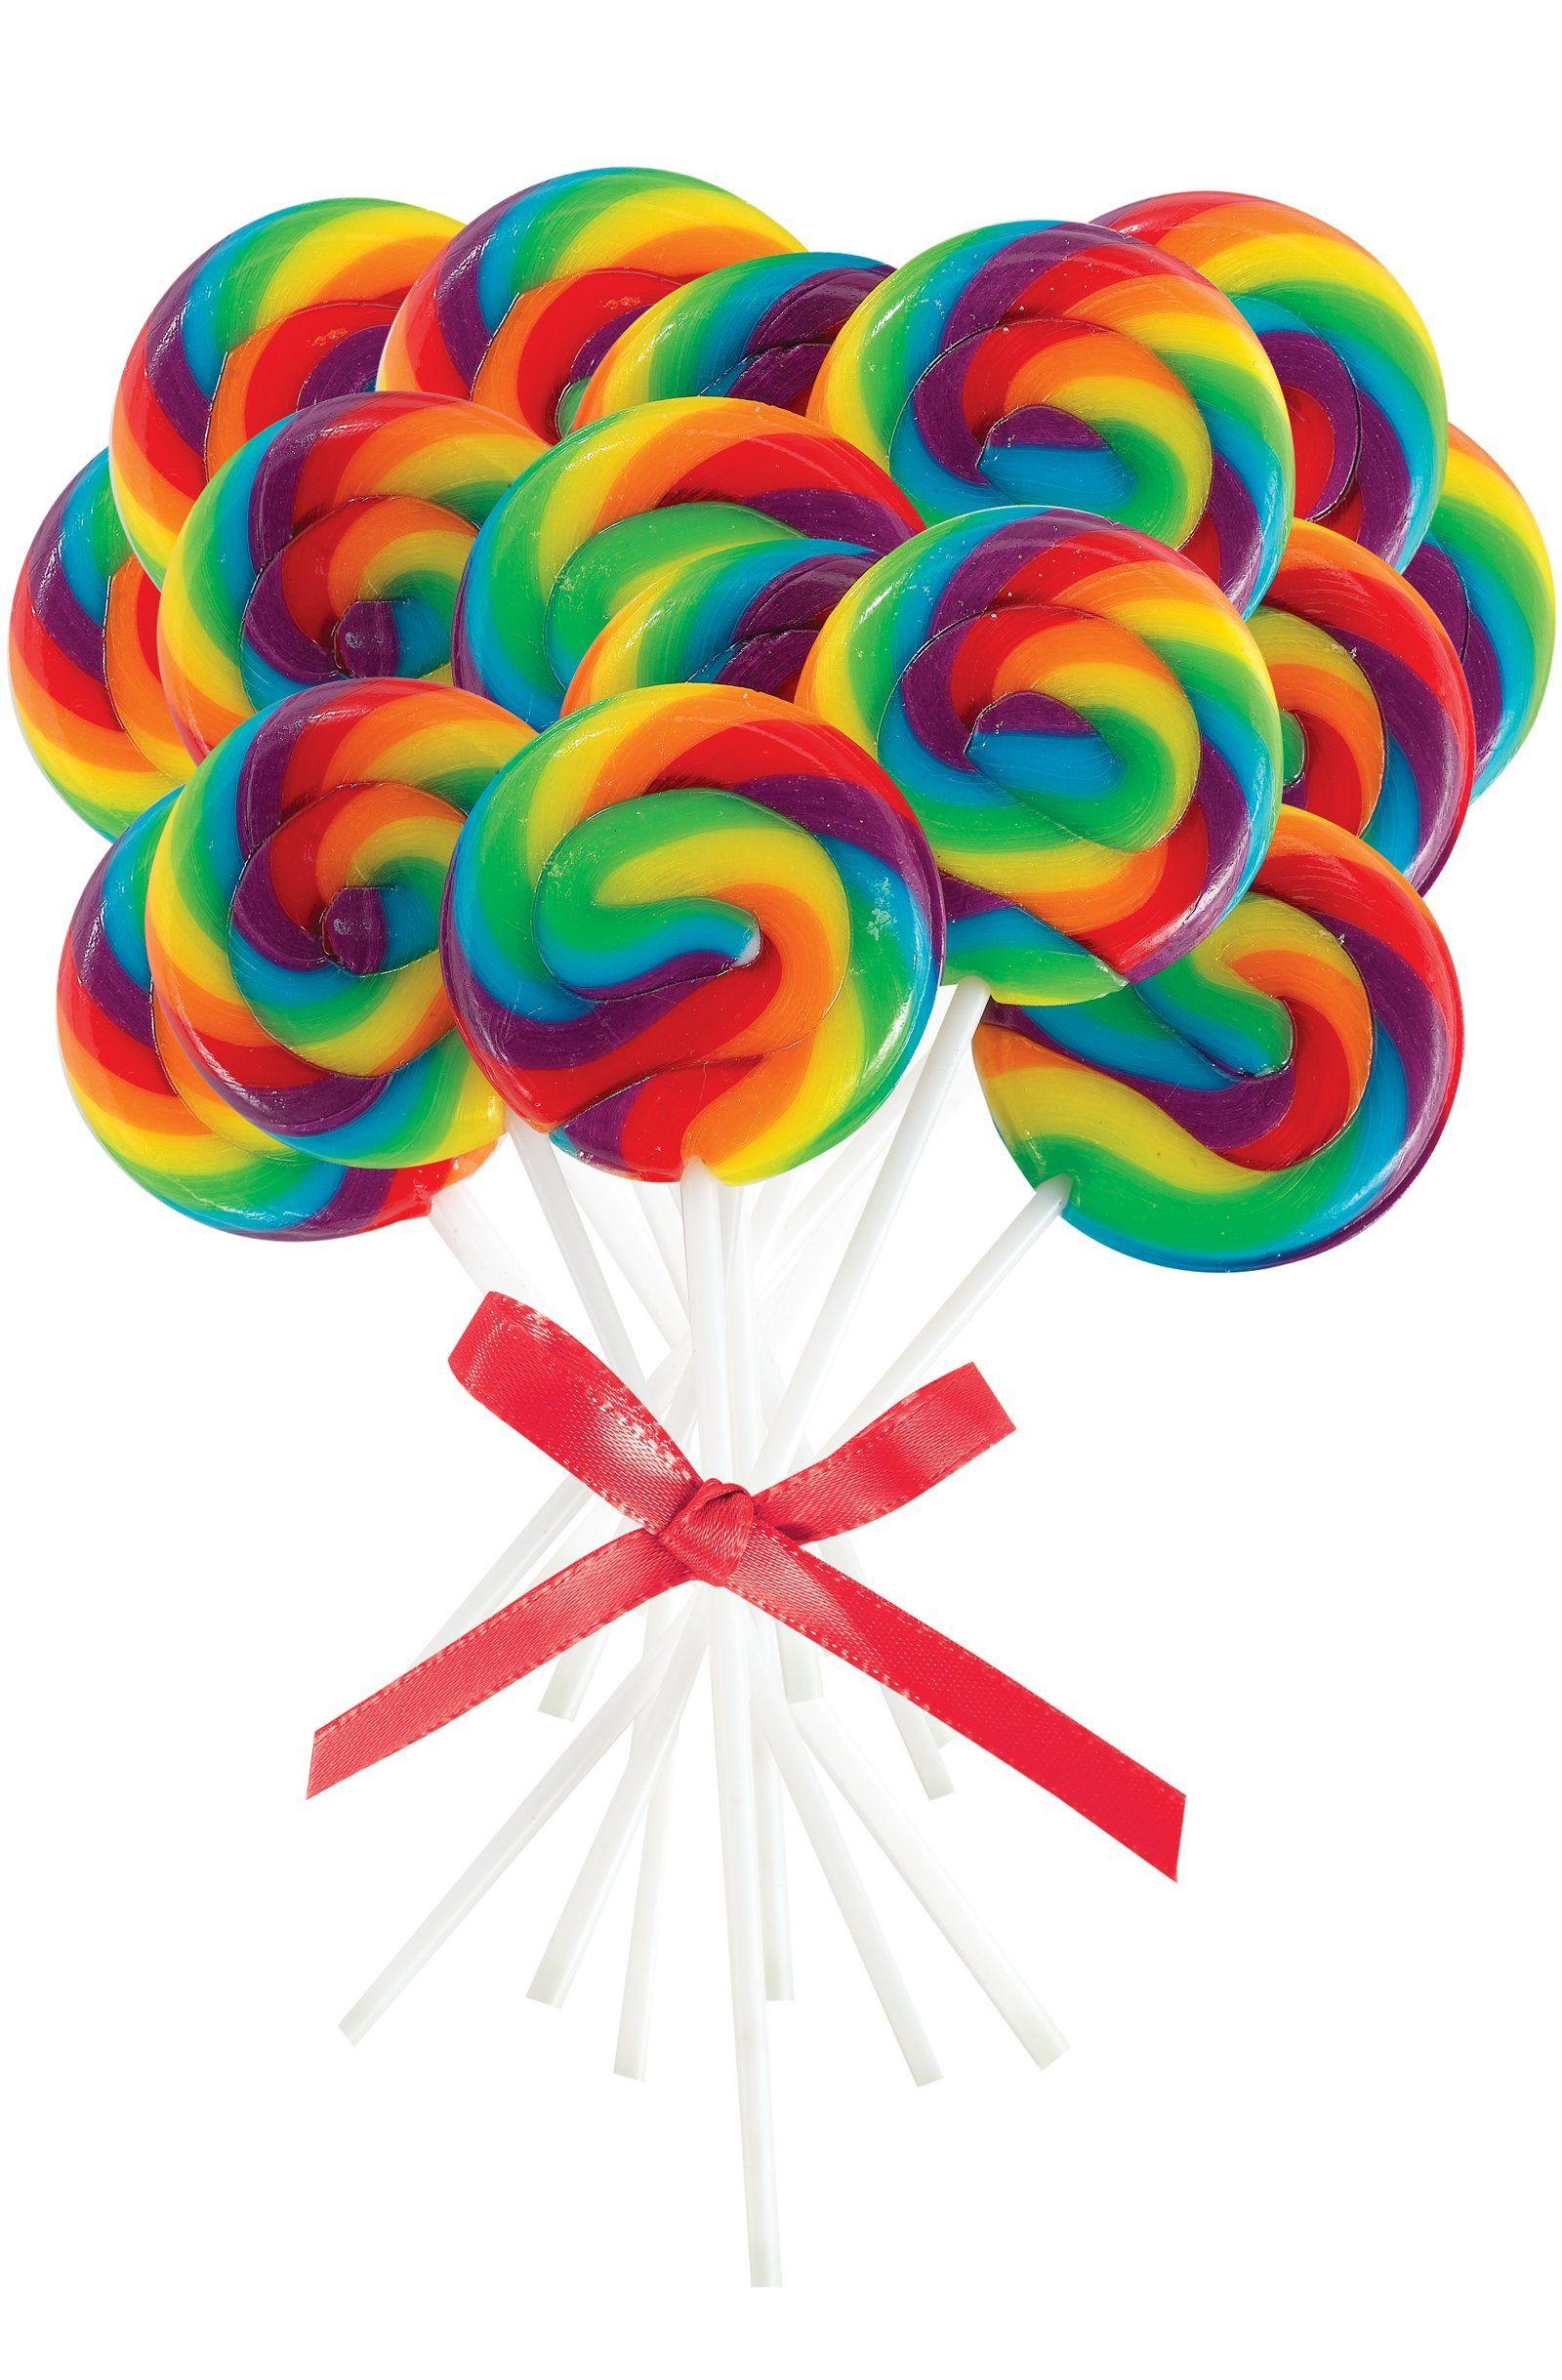 paletas | Espirales | Pinterest | Paletas, Color y De colores